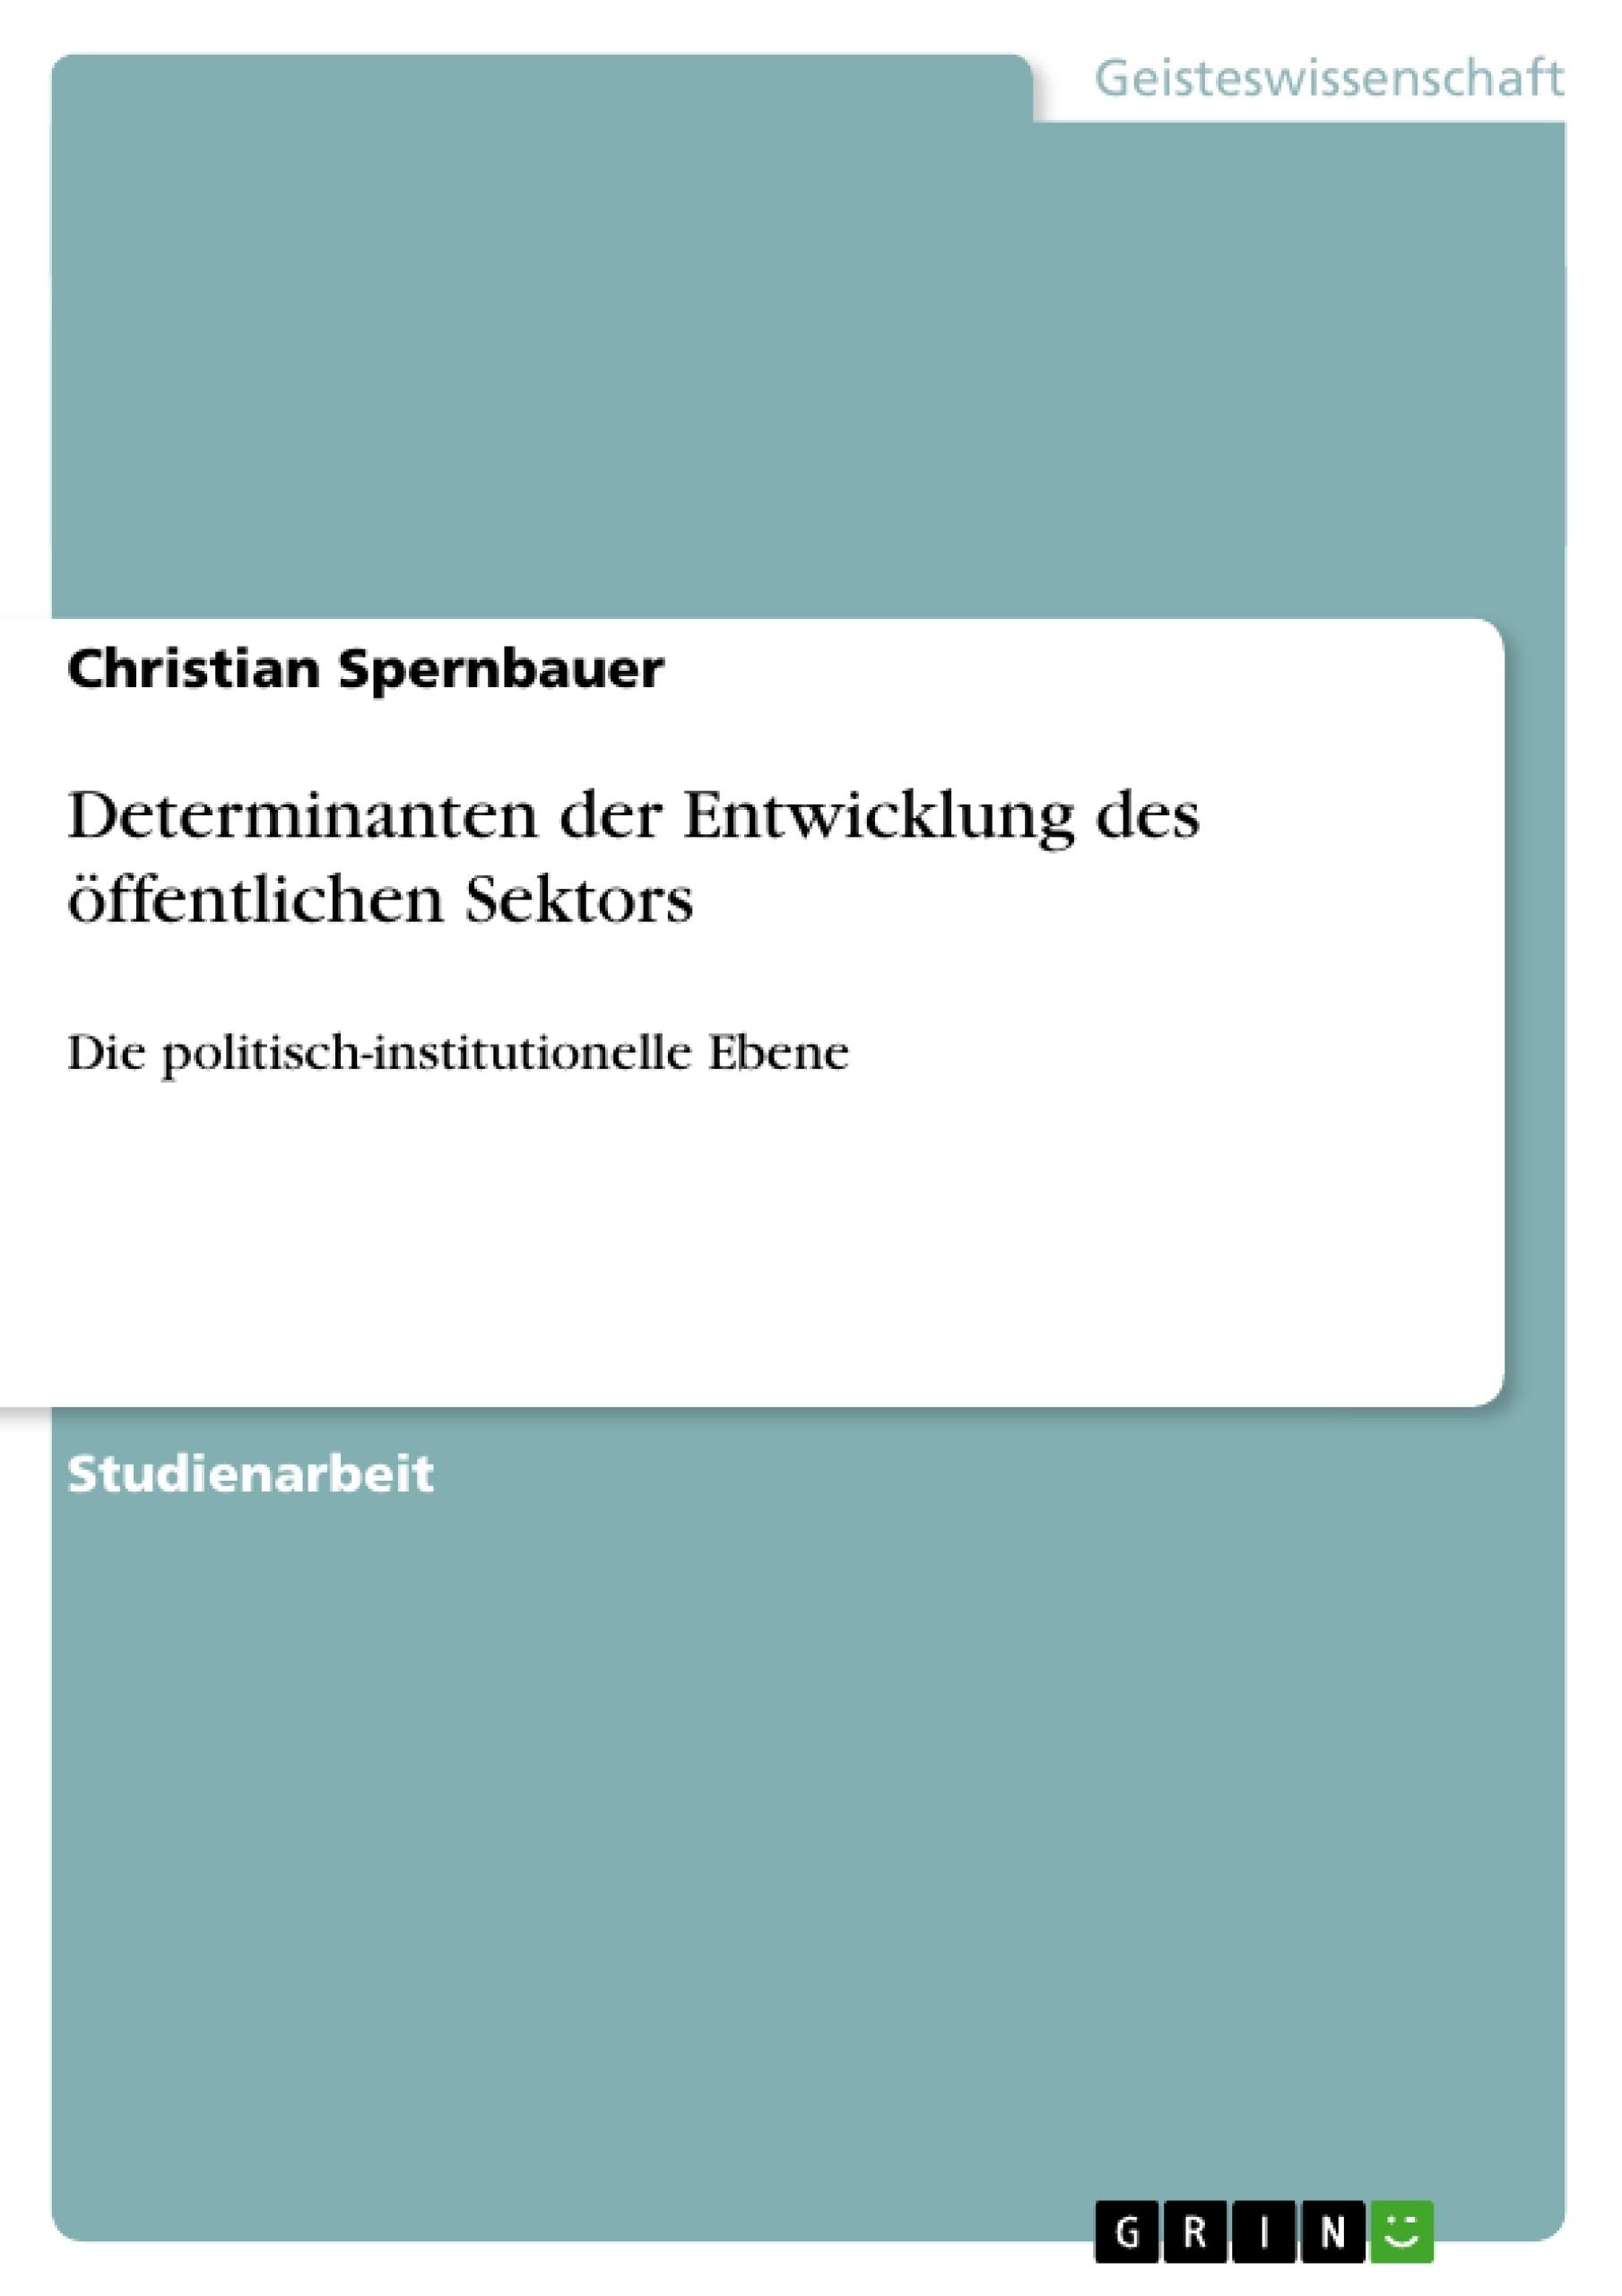 Titel: Determinanten der Entwicklung des öffentlichen Sektors